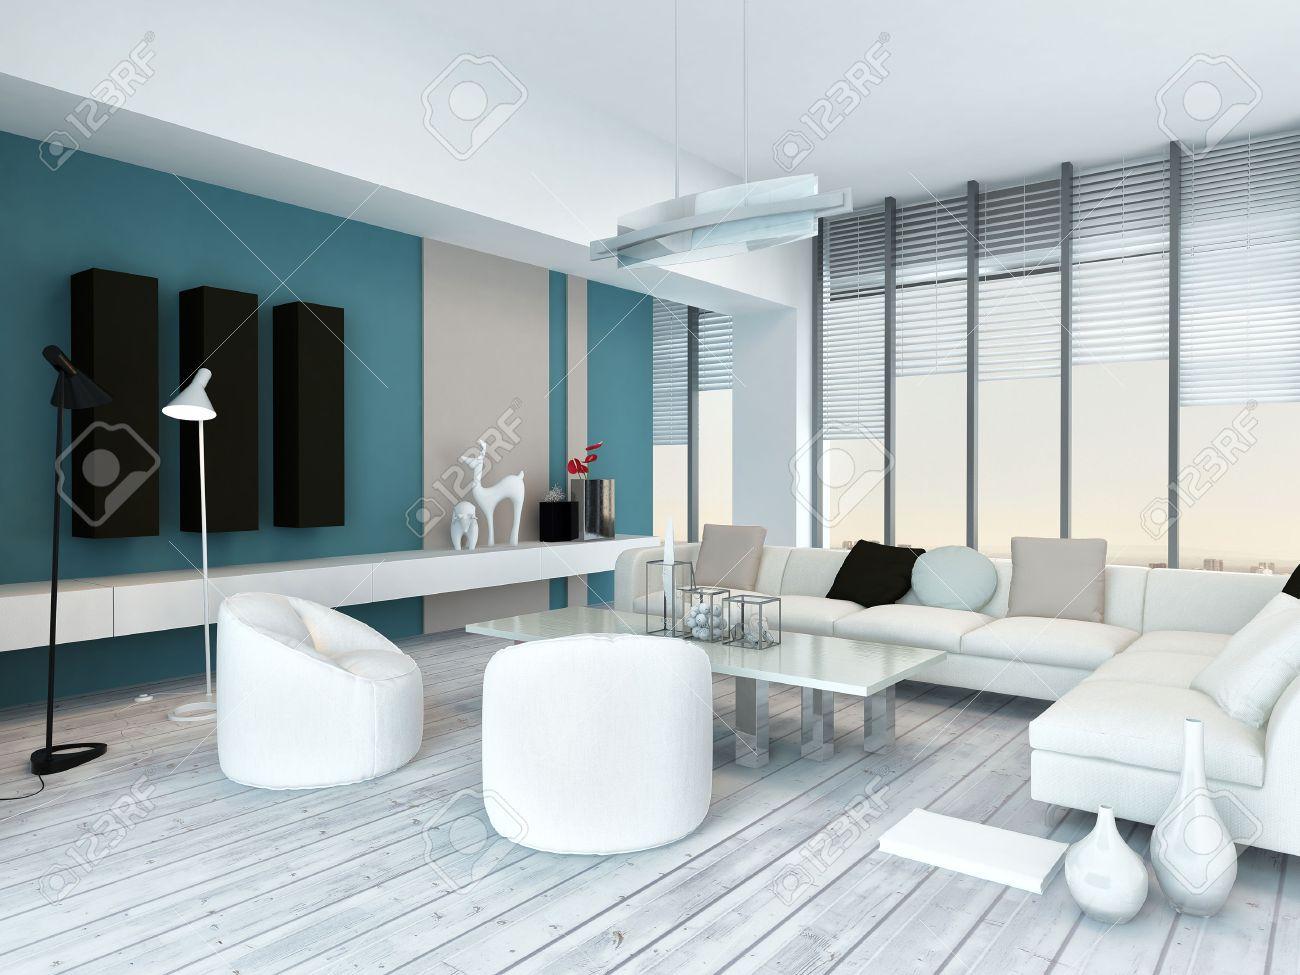 fresco blu e bianco moderno soggiorno inyerior con bianchi ... - Soggiorno Bianco E Blu